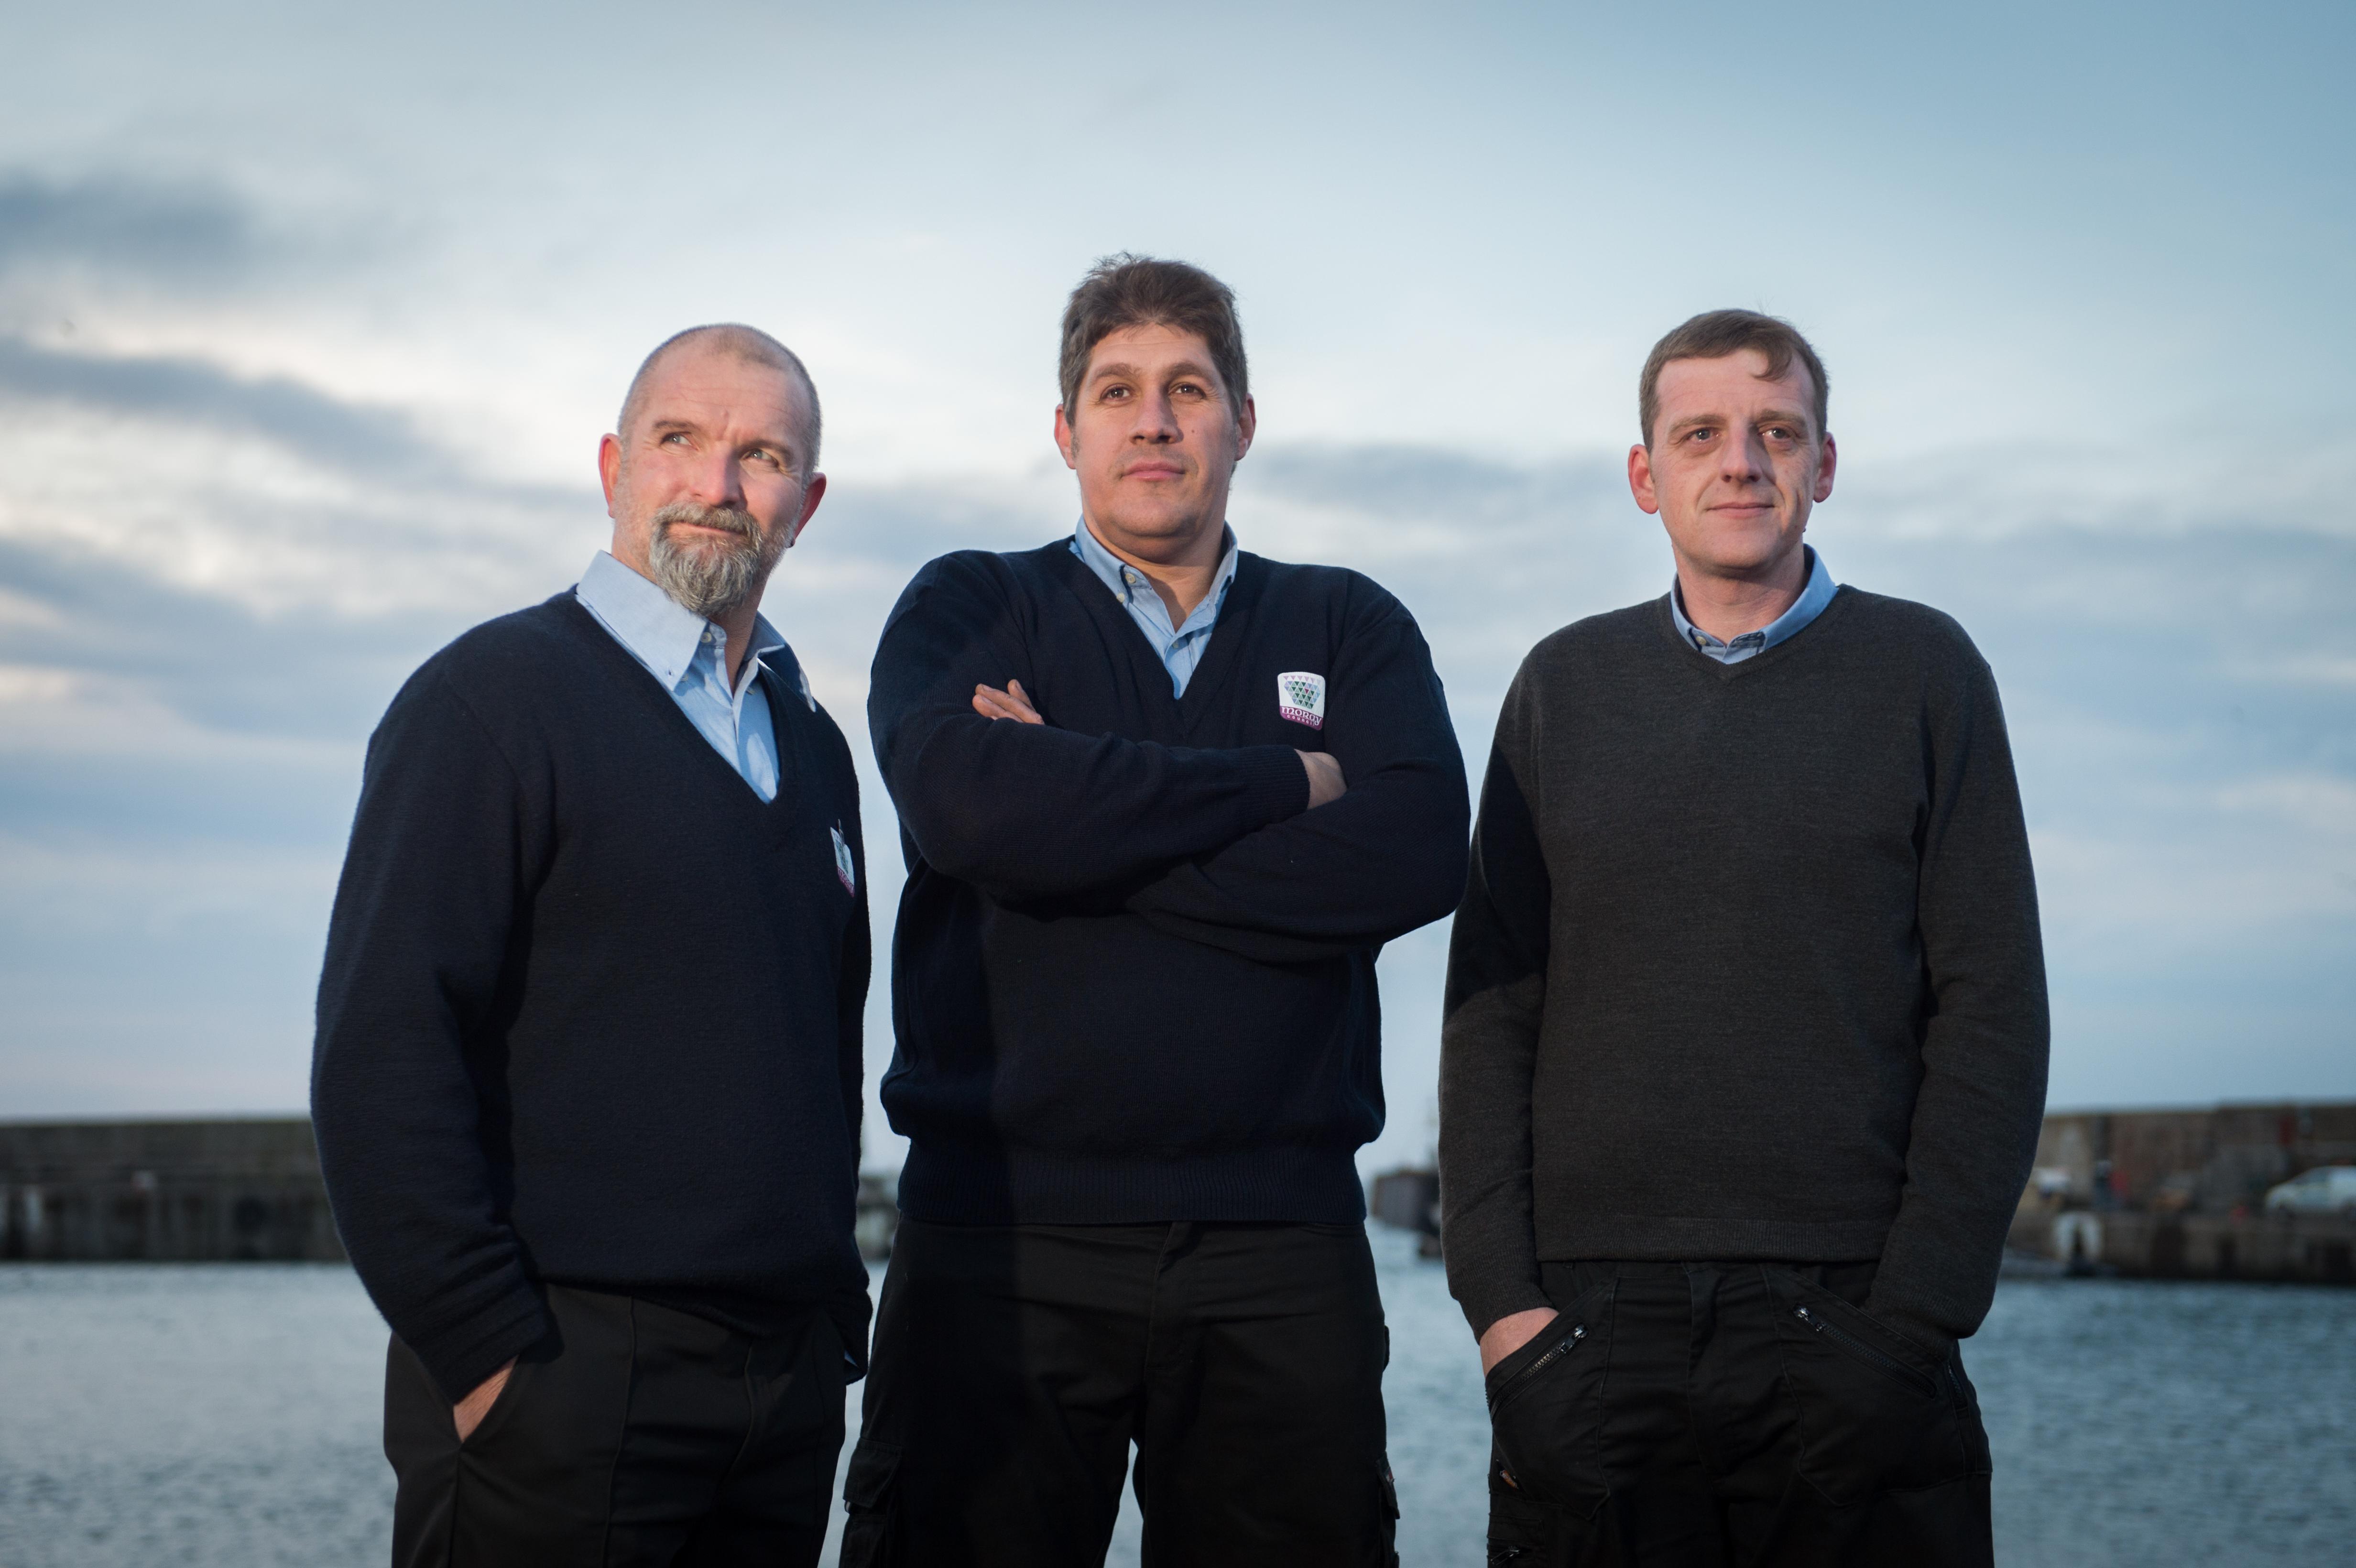 L2R: Simon Forest, Mike Soper and Darren Bremner